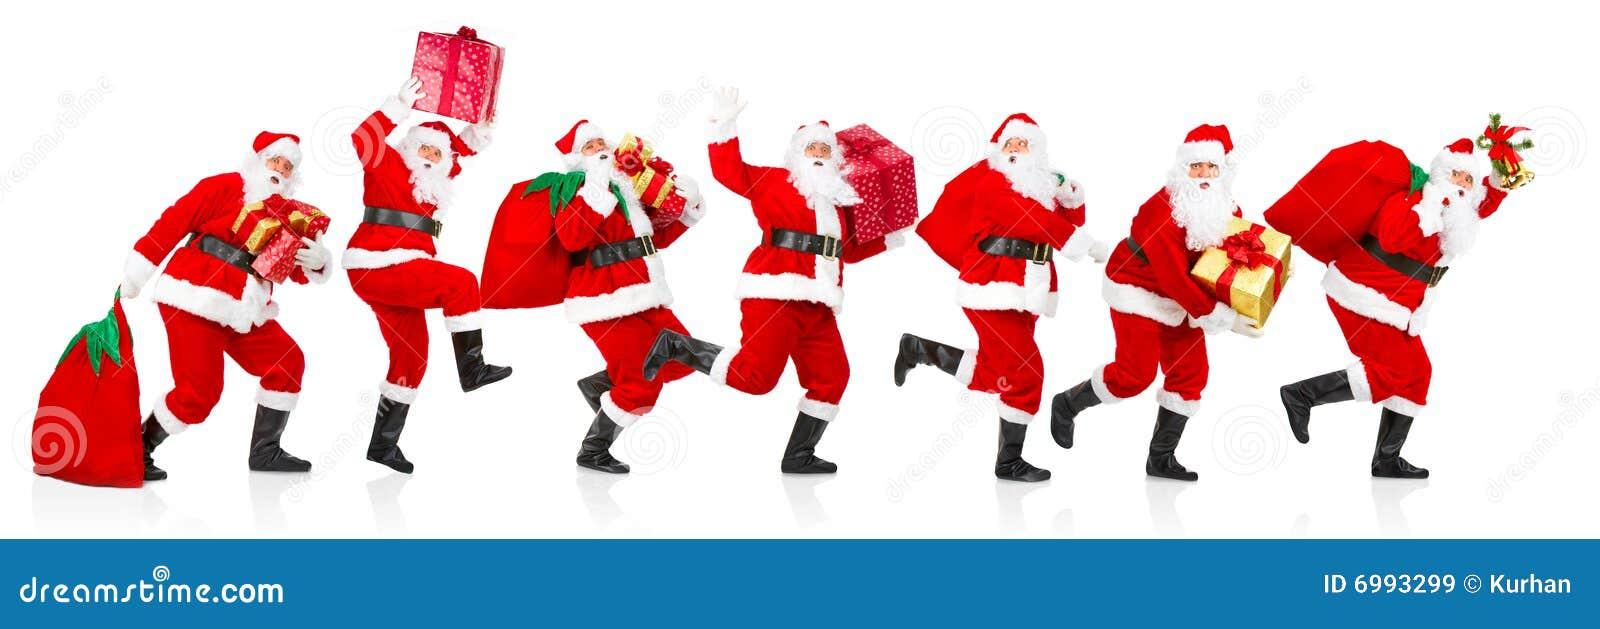 La Navidad corriente feliz Santas